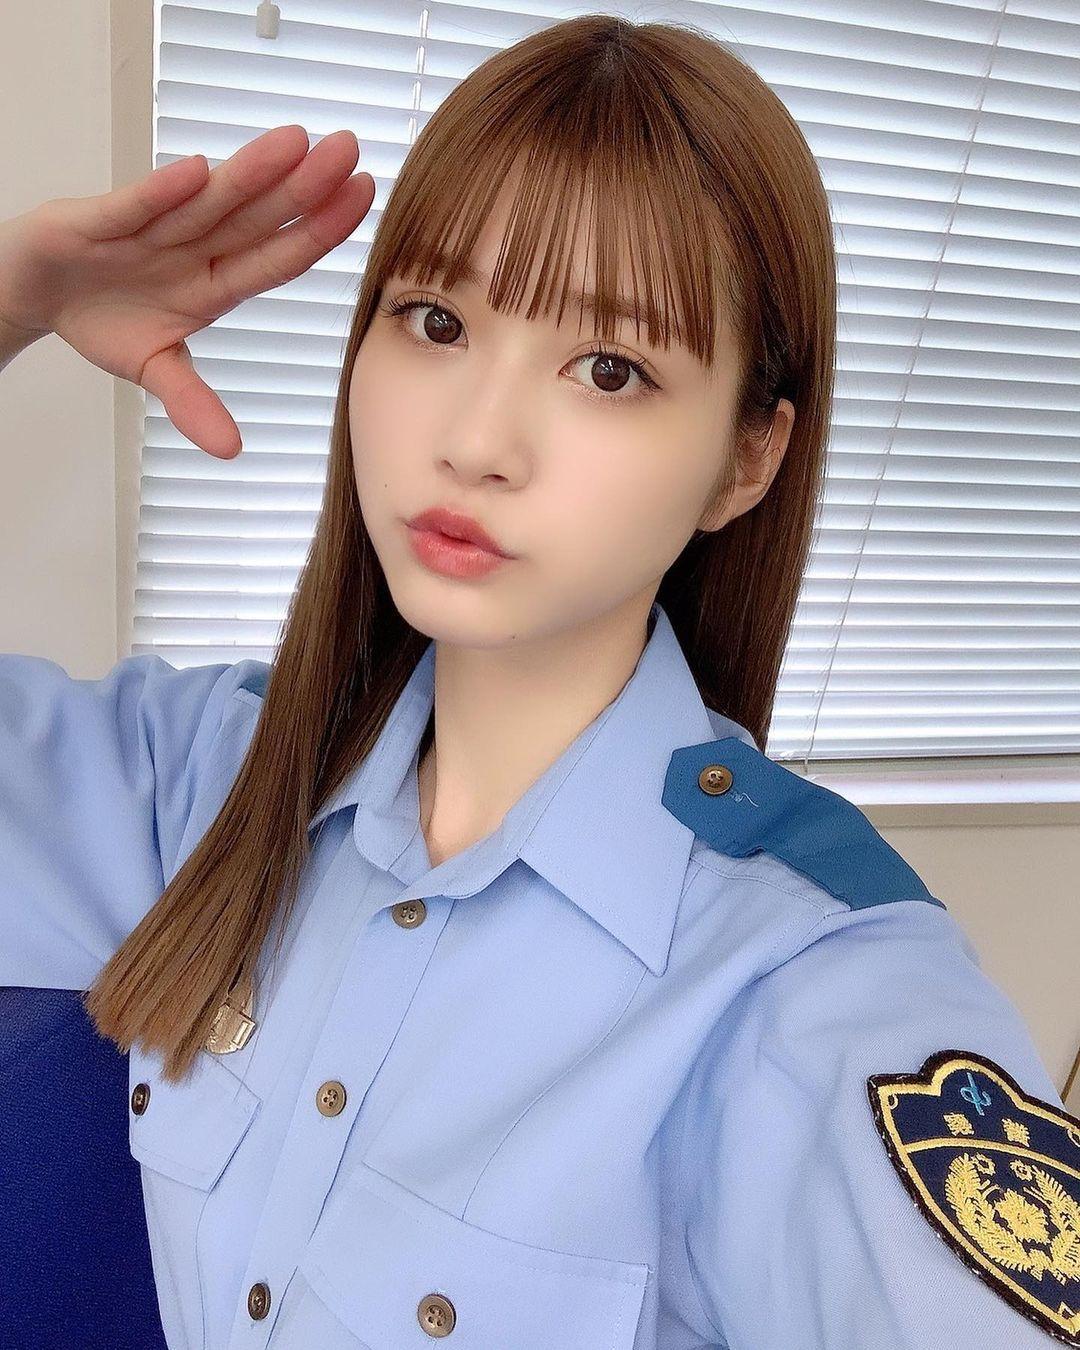 名古屋最可爱中学生生见爱瑠神级颜值美到让人窒息 网络美女 第2张